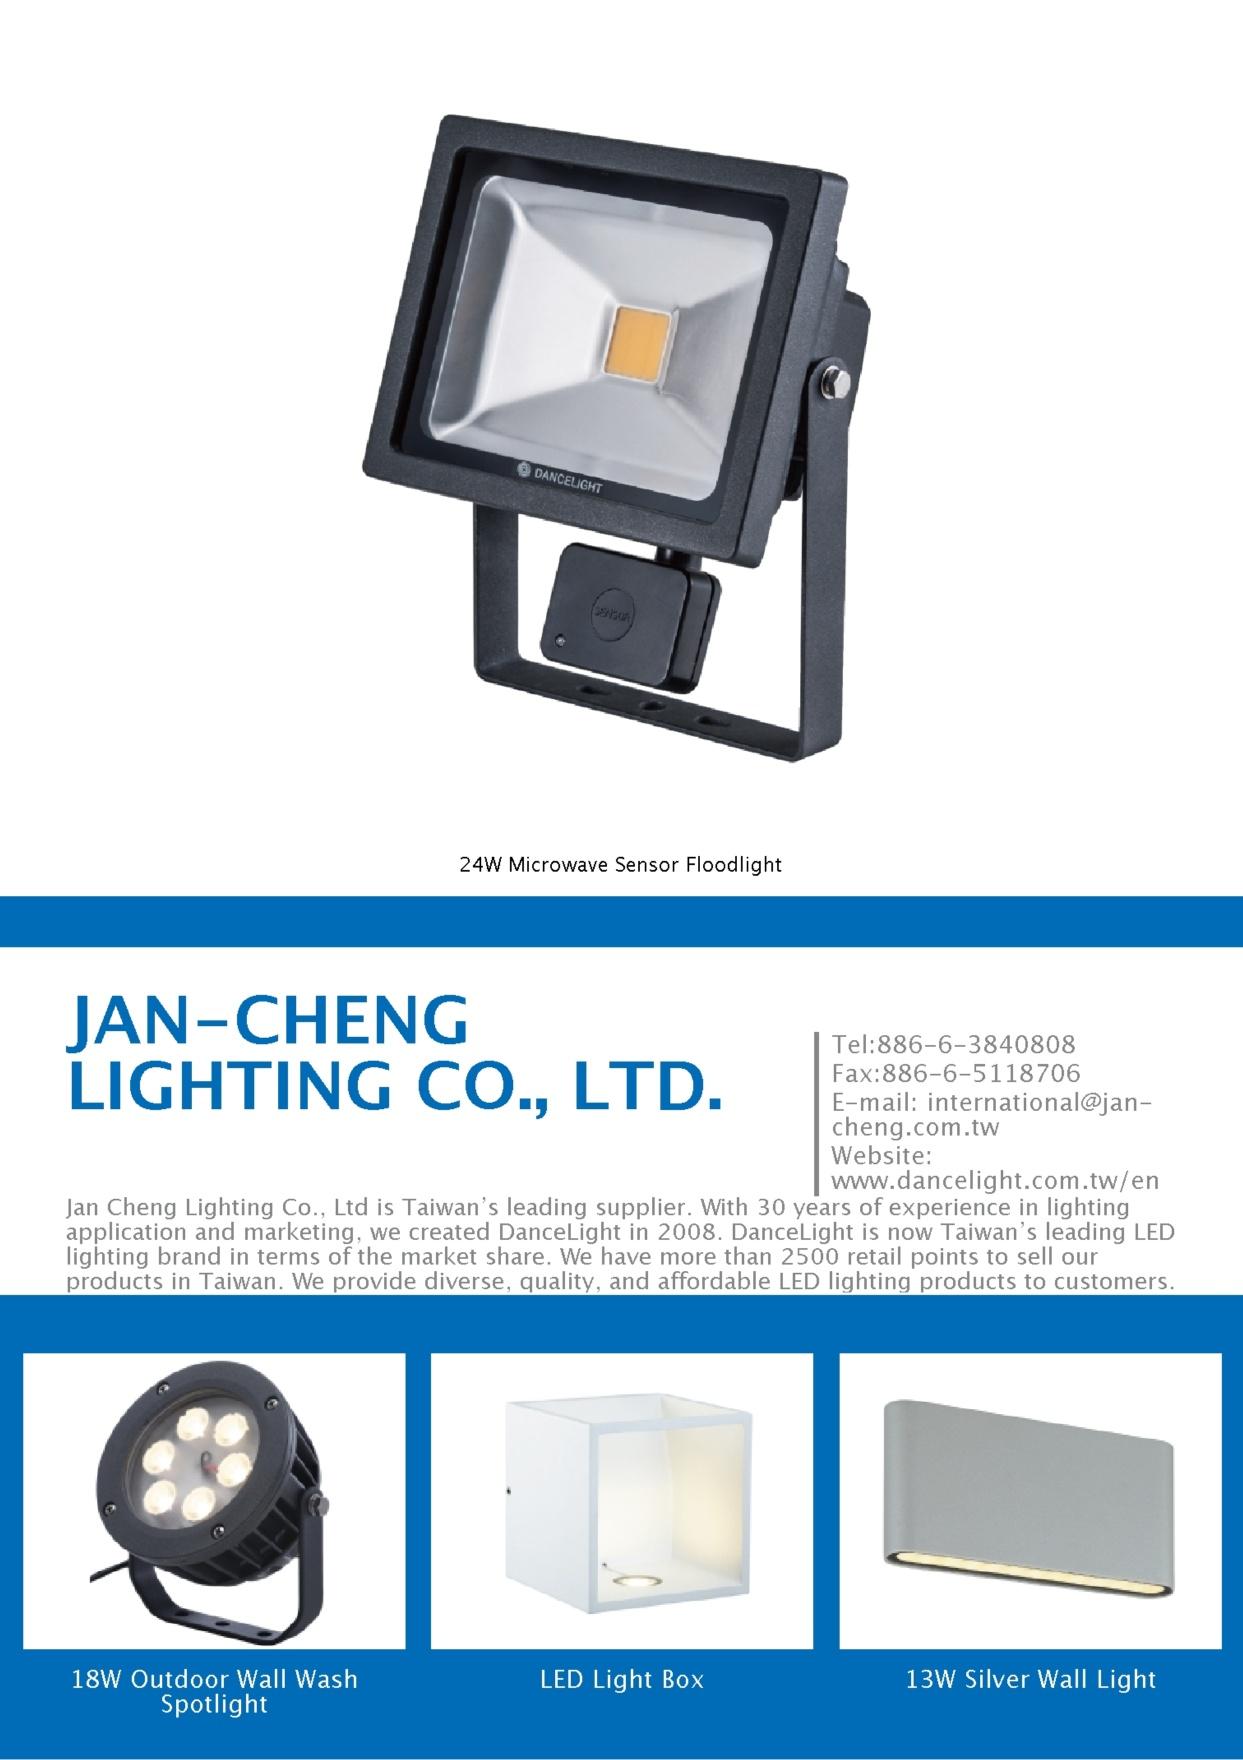 JAN-CHENG LIGHTING CO., LTD.